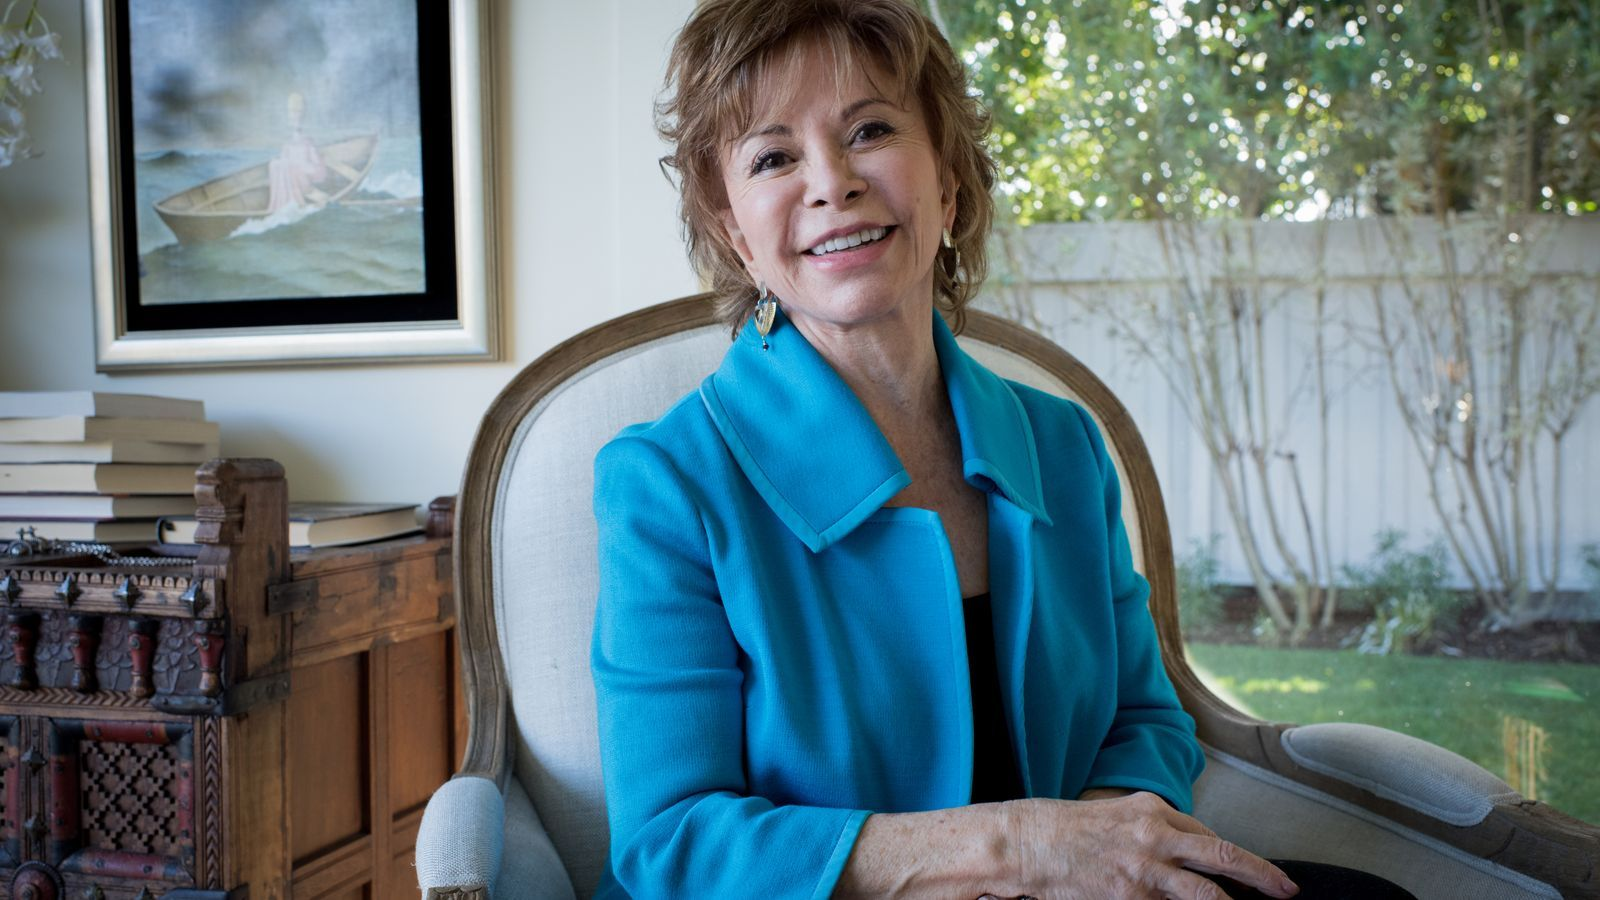 Isabel Allende rep la medalla d'honor del premi nacional de literatura d'Estats Units